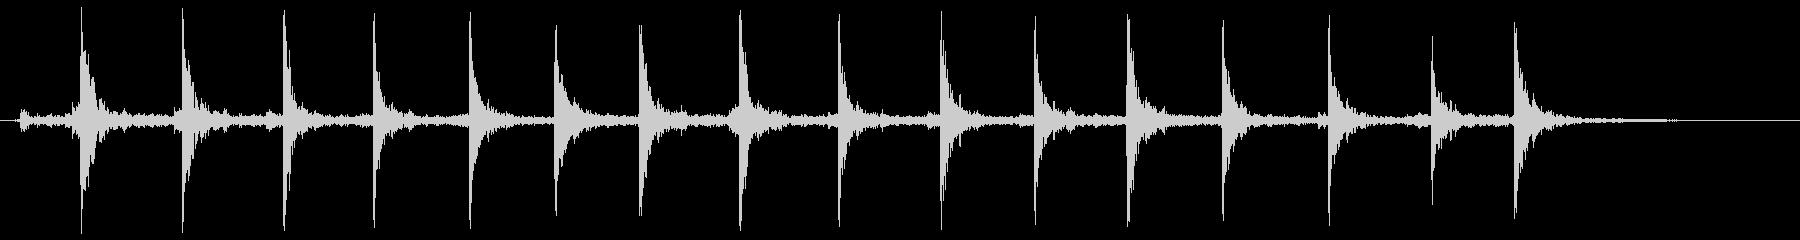 トントントントン(まな板の上で千切りの音の未再生の波形